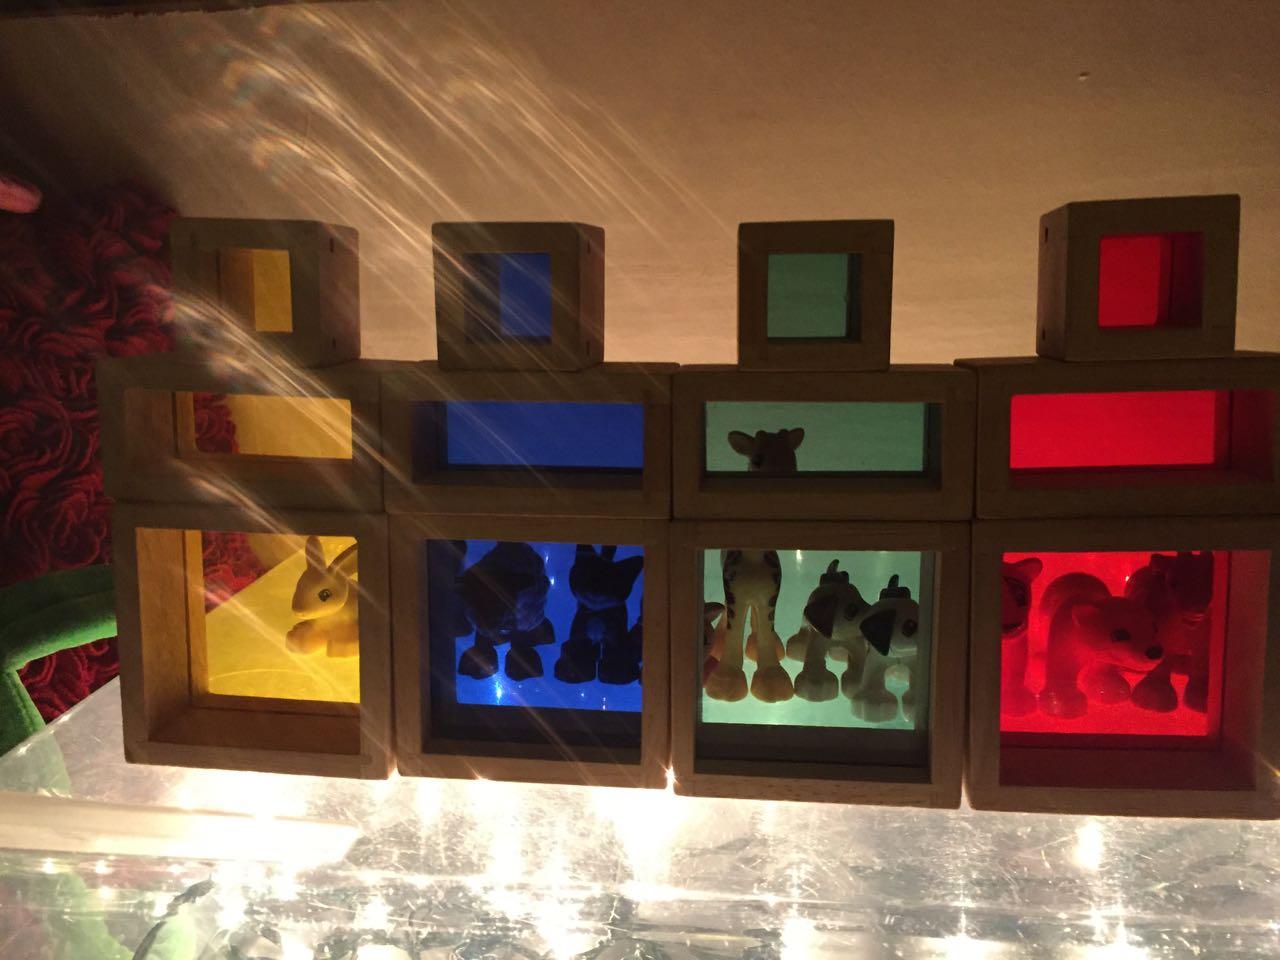 light - 1 (1)